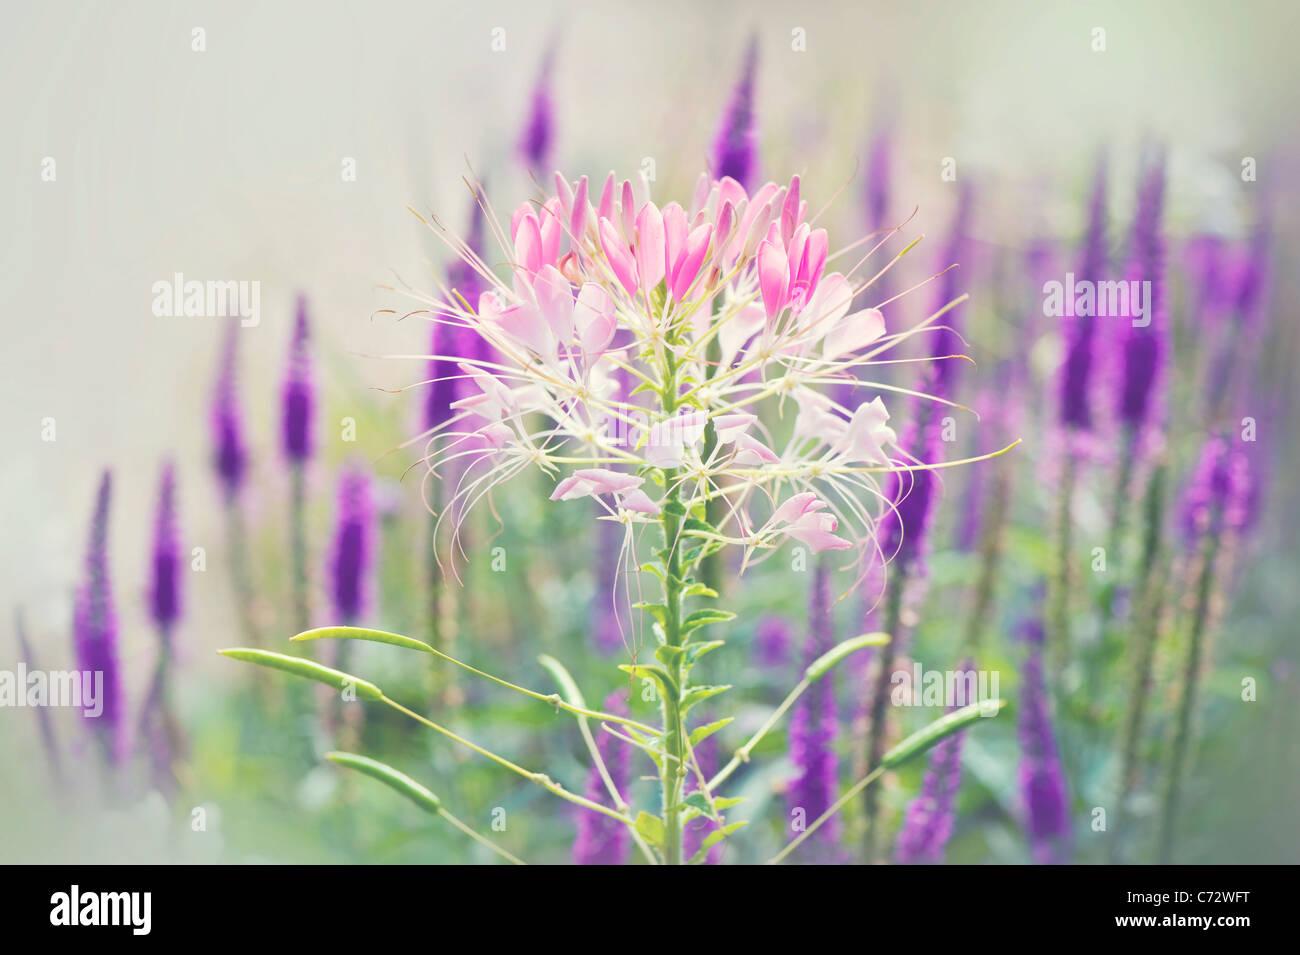 """Araignées fleur-plante Cleomaceae dans /""""violet/"""" 50 graines"""